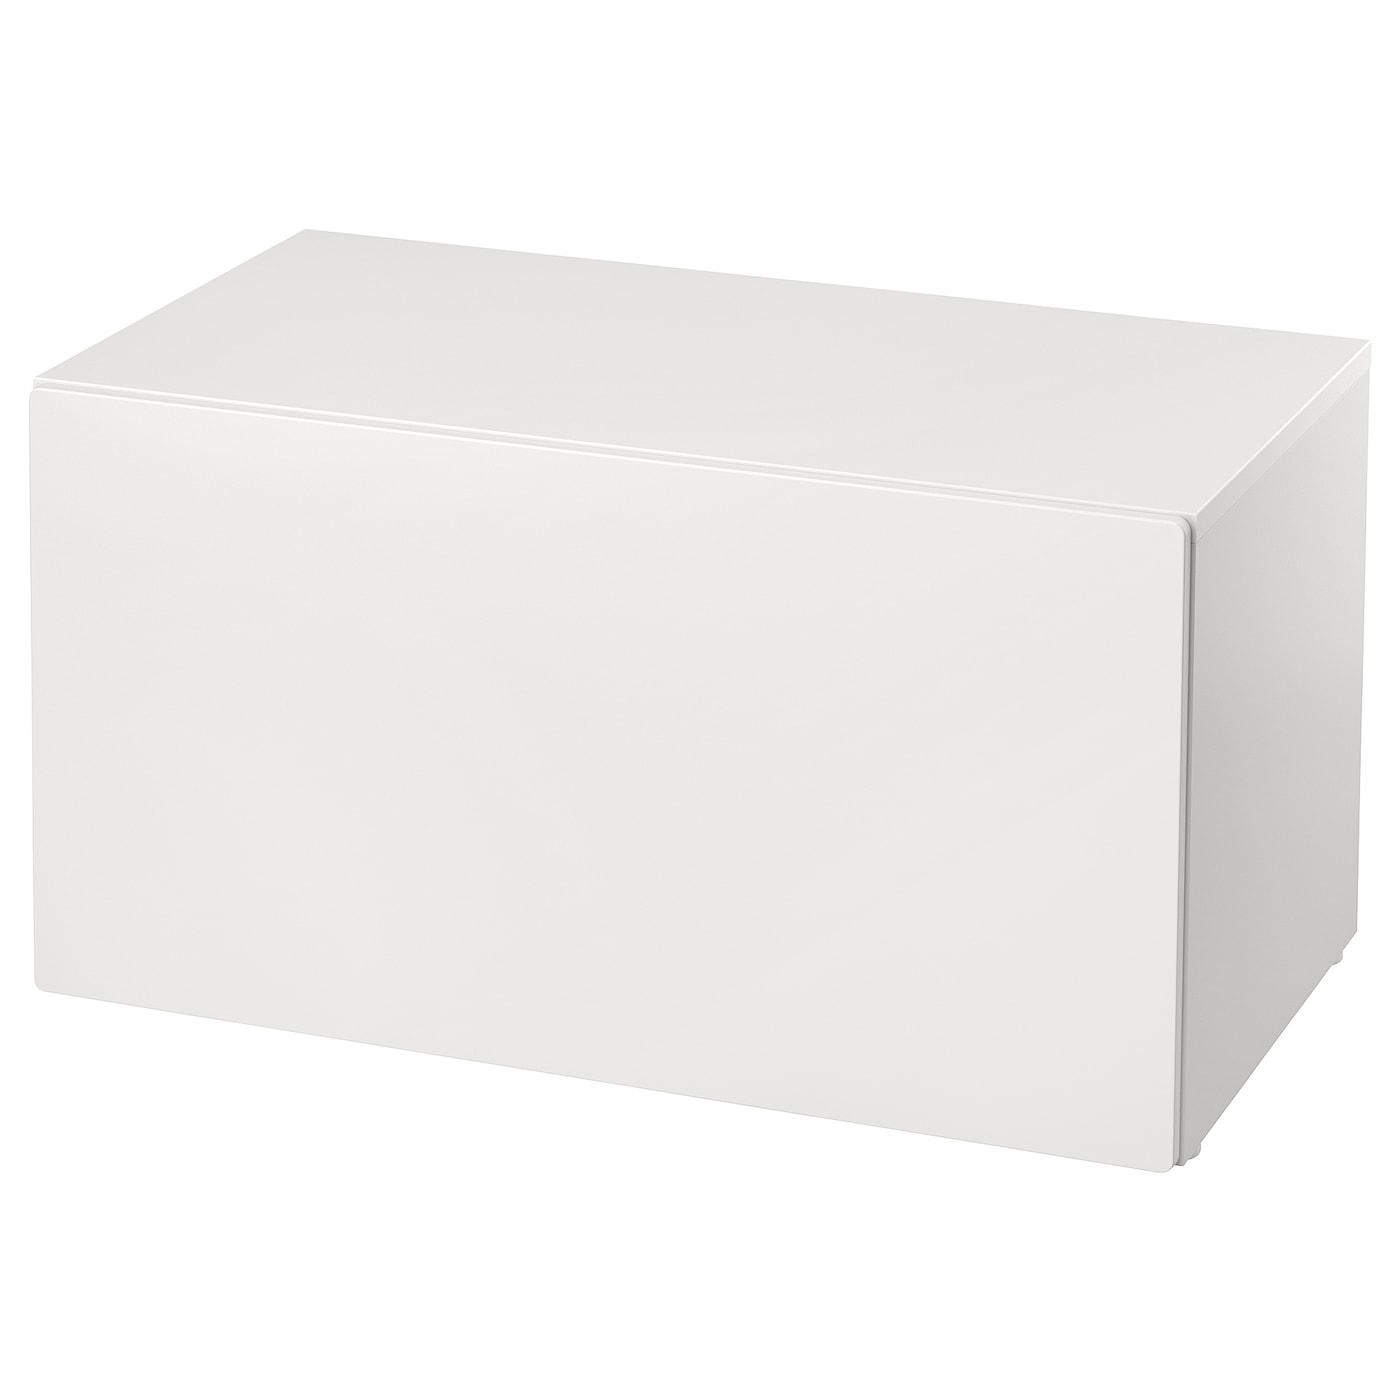 SMÅSTAD Bank mit Kasten - weiß/weiß - IKEA Deutschland